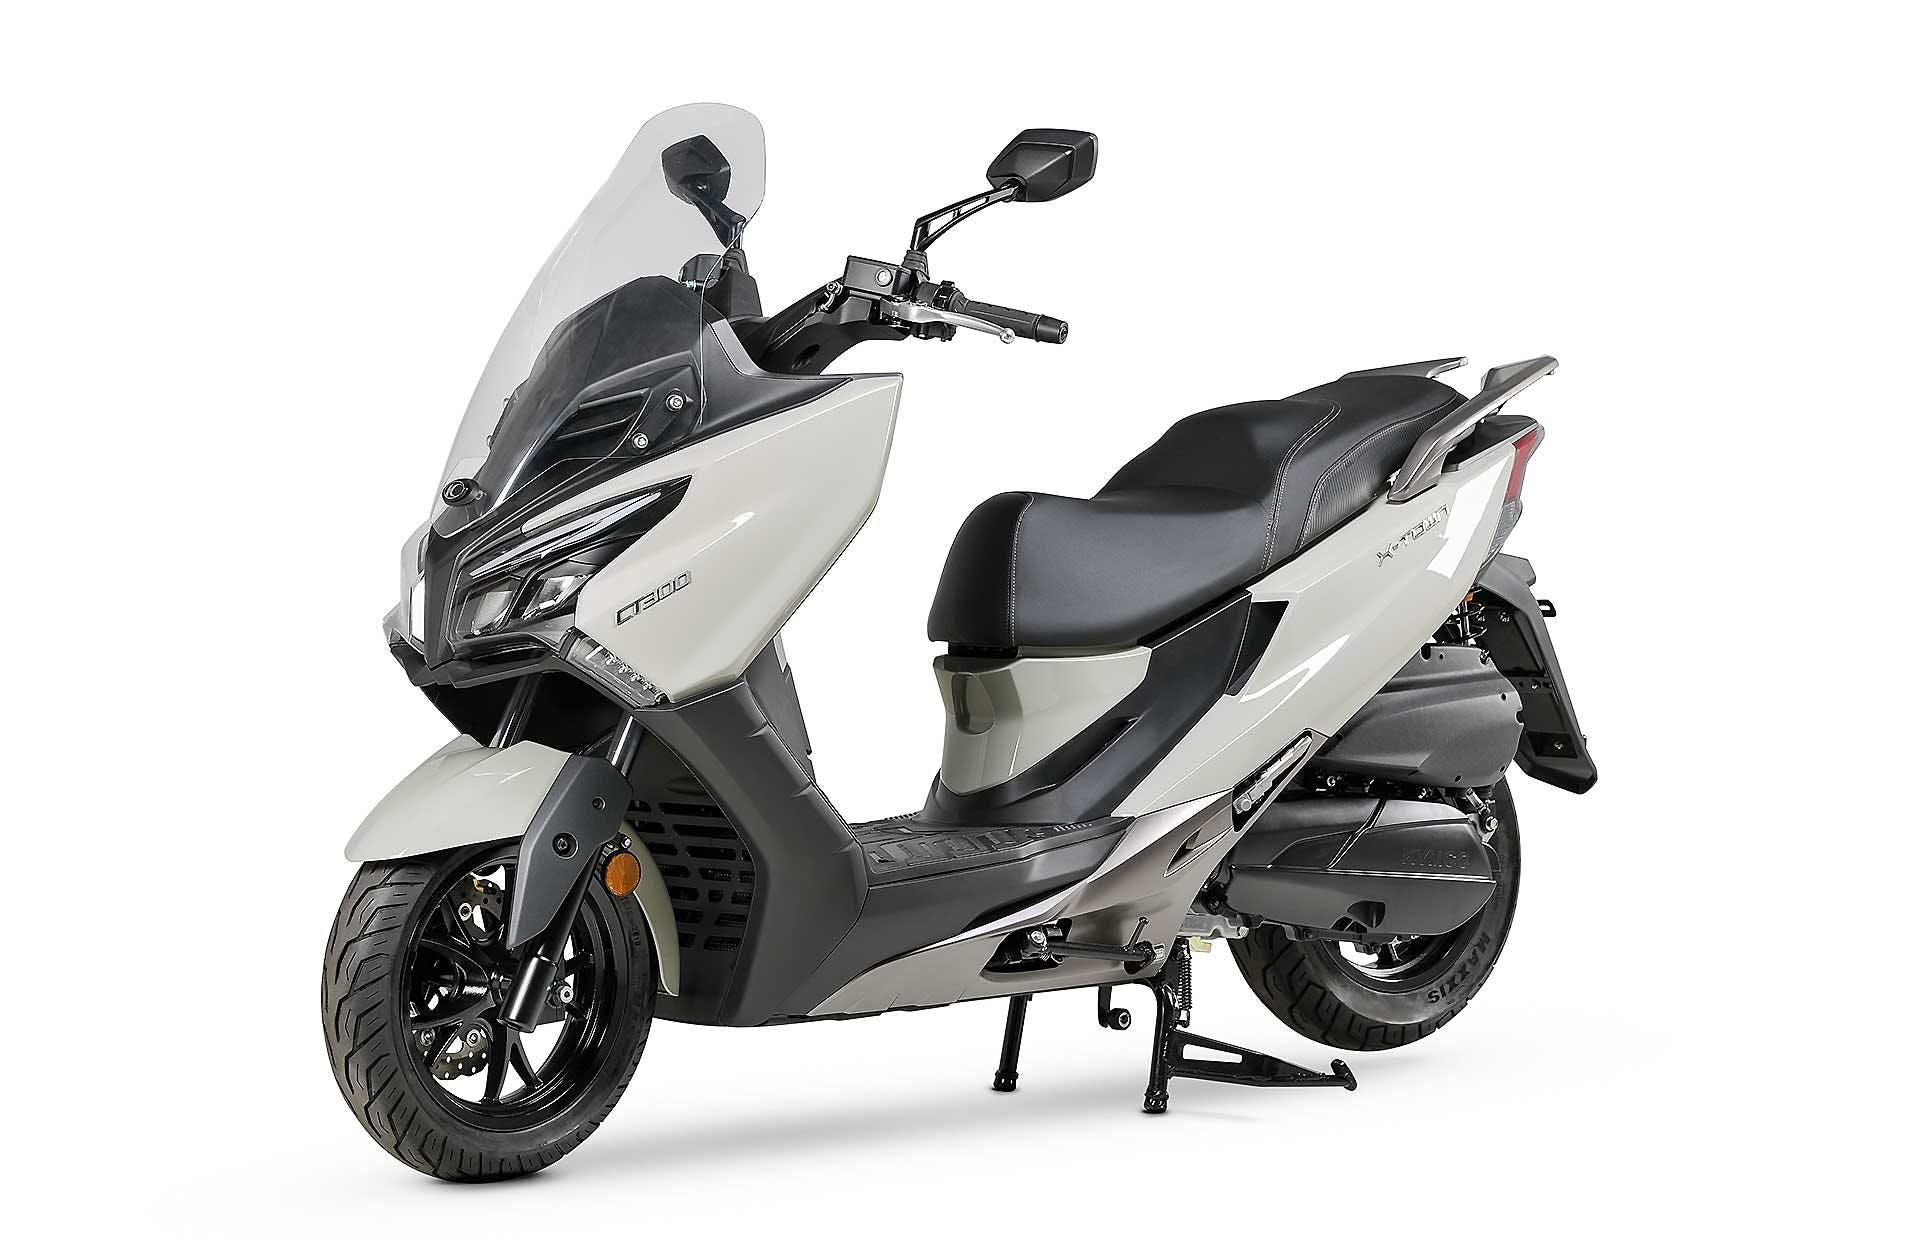 Kymco X-Town CT migliori scooter 300 pedana piatta